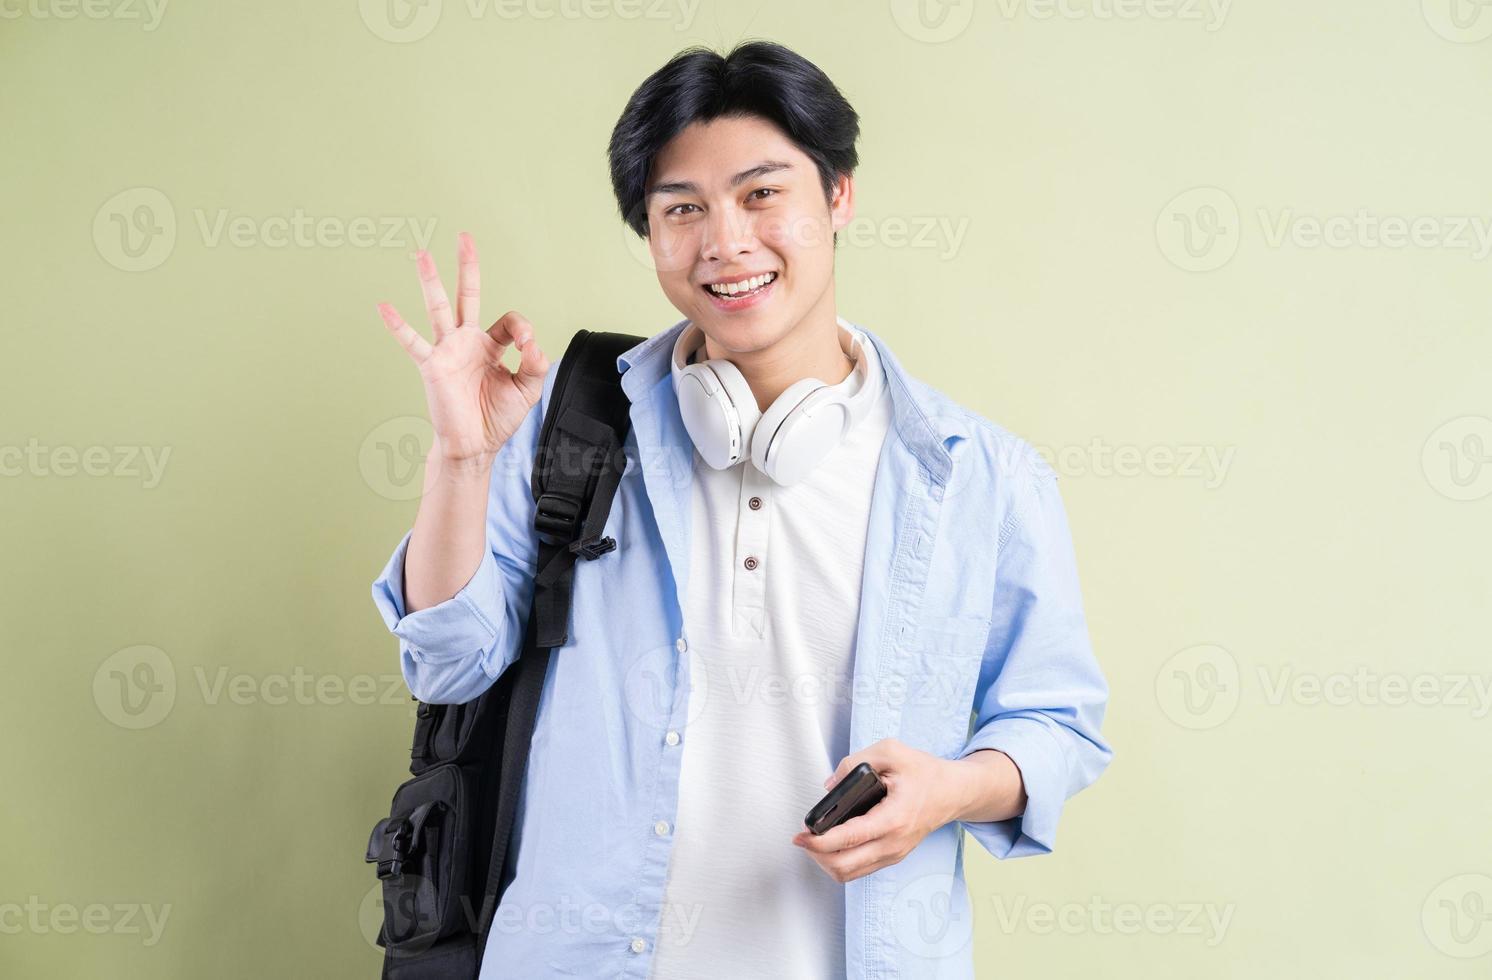 mannelijke aziatische student glimlacht en creëert een ok-symbool in de hand foto